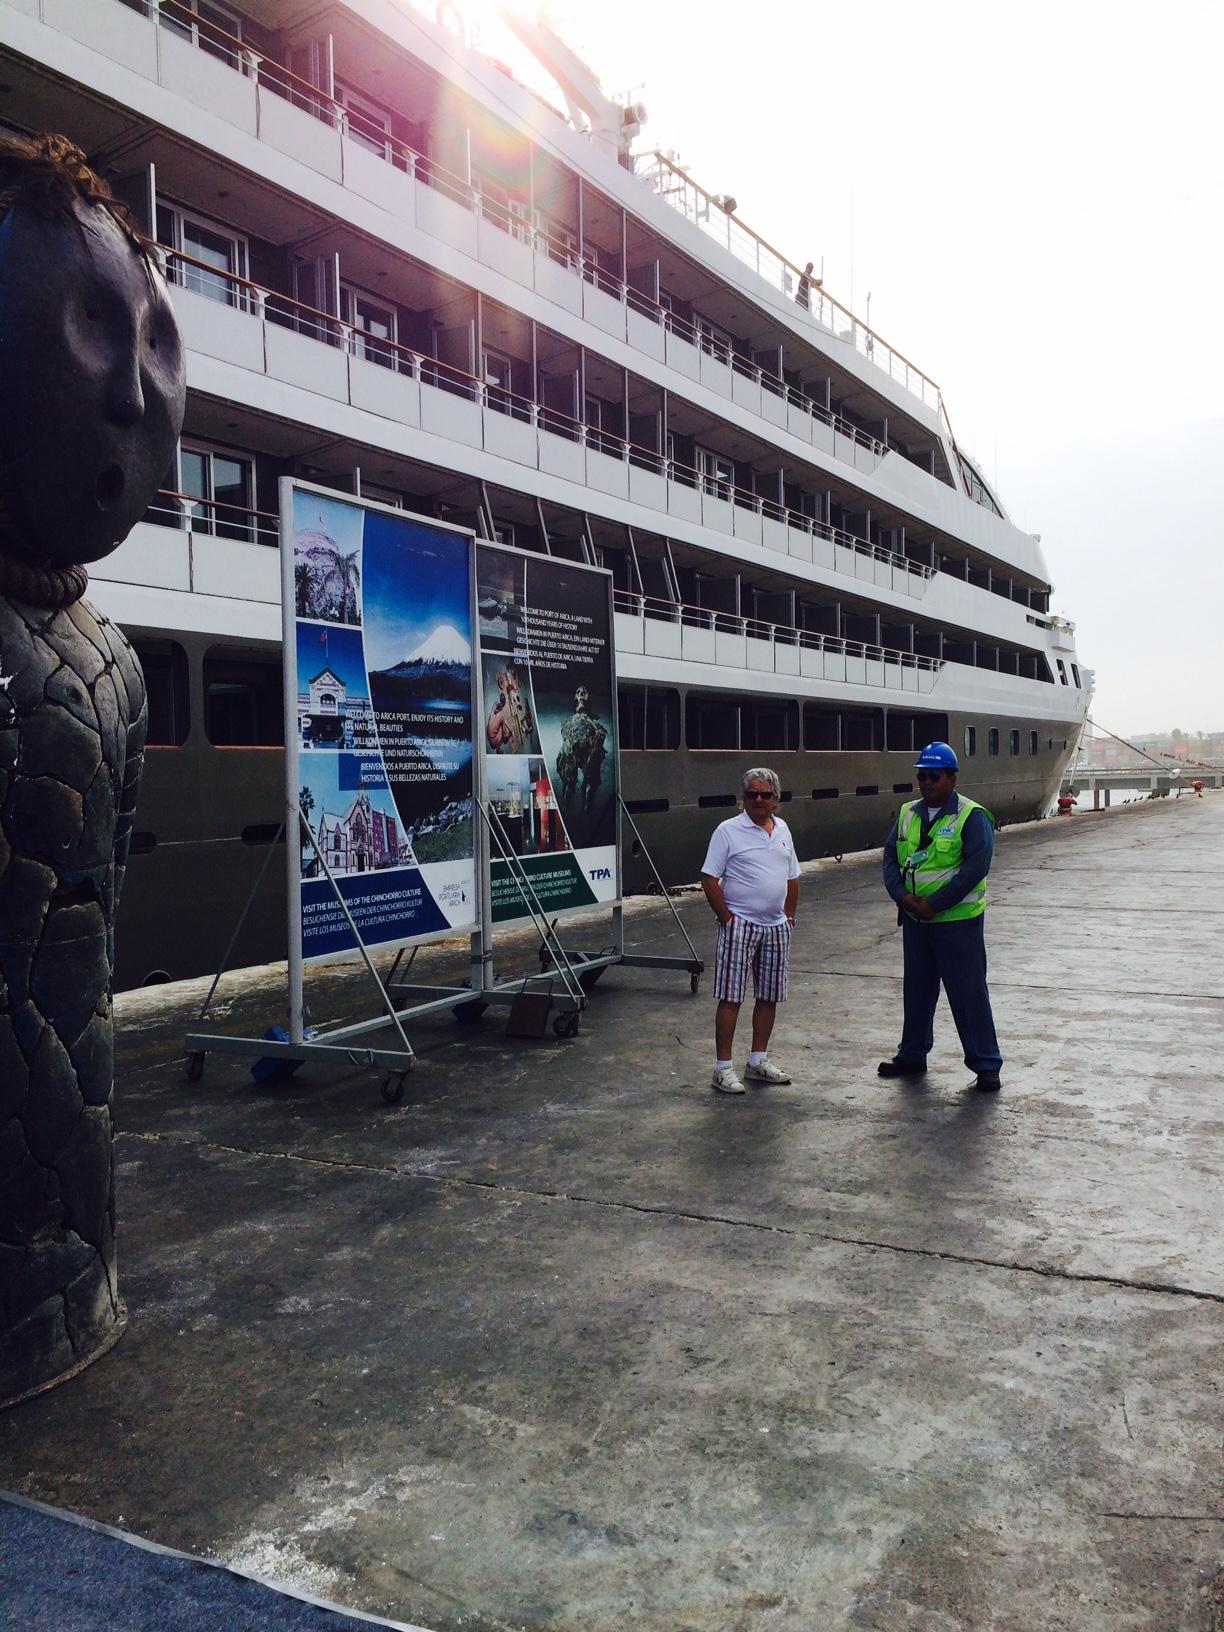 Crucero Le Boreal Arriba a la ciudad con 200 turistas franceses a Bordo